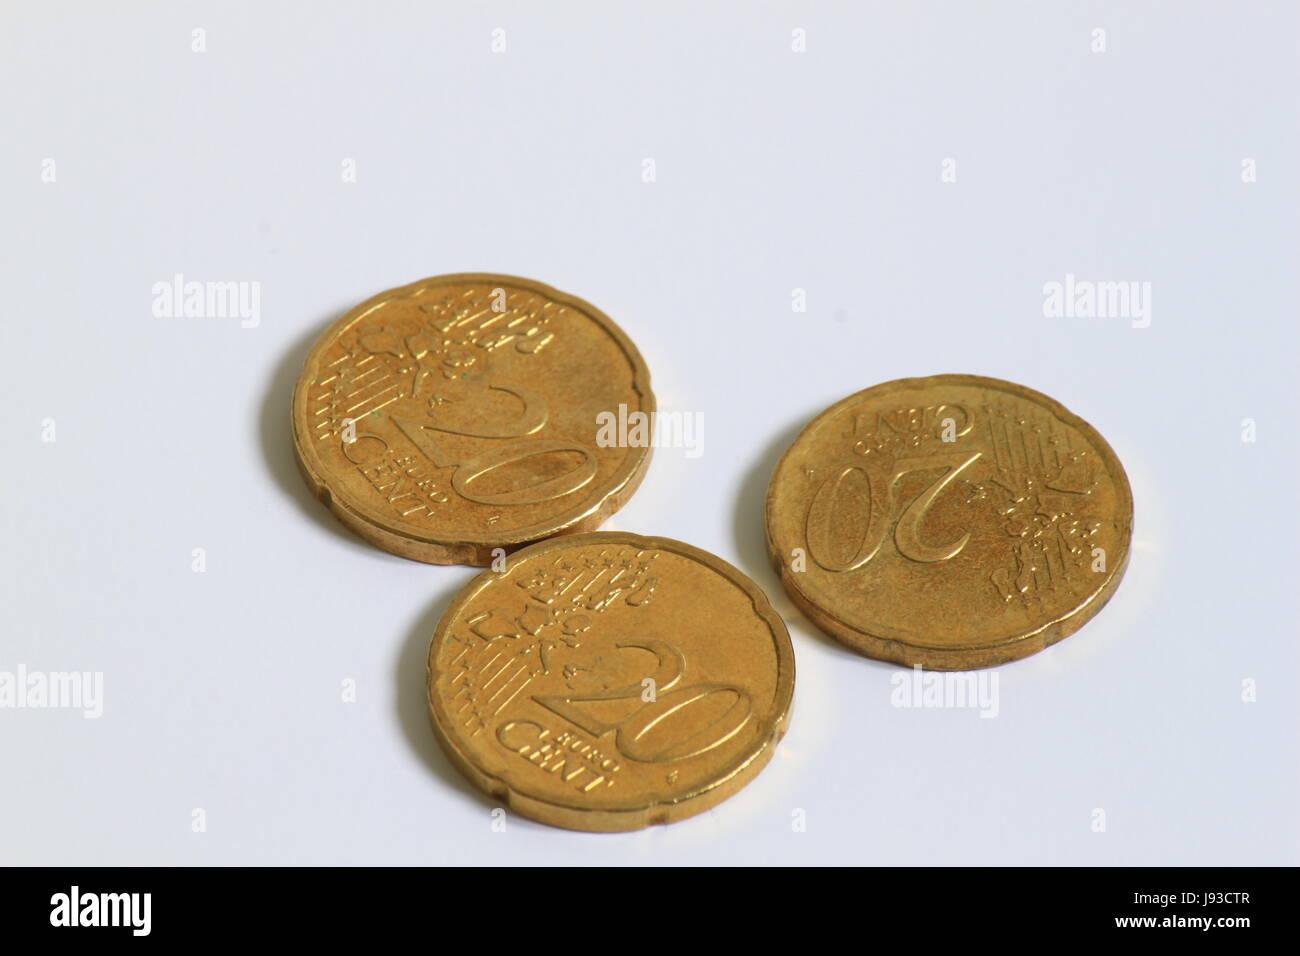 Verkaufen Euro Münze Sparen Kaufen Cent Geld Verkaufen